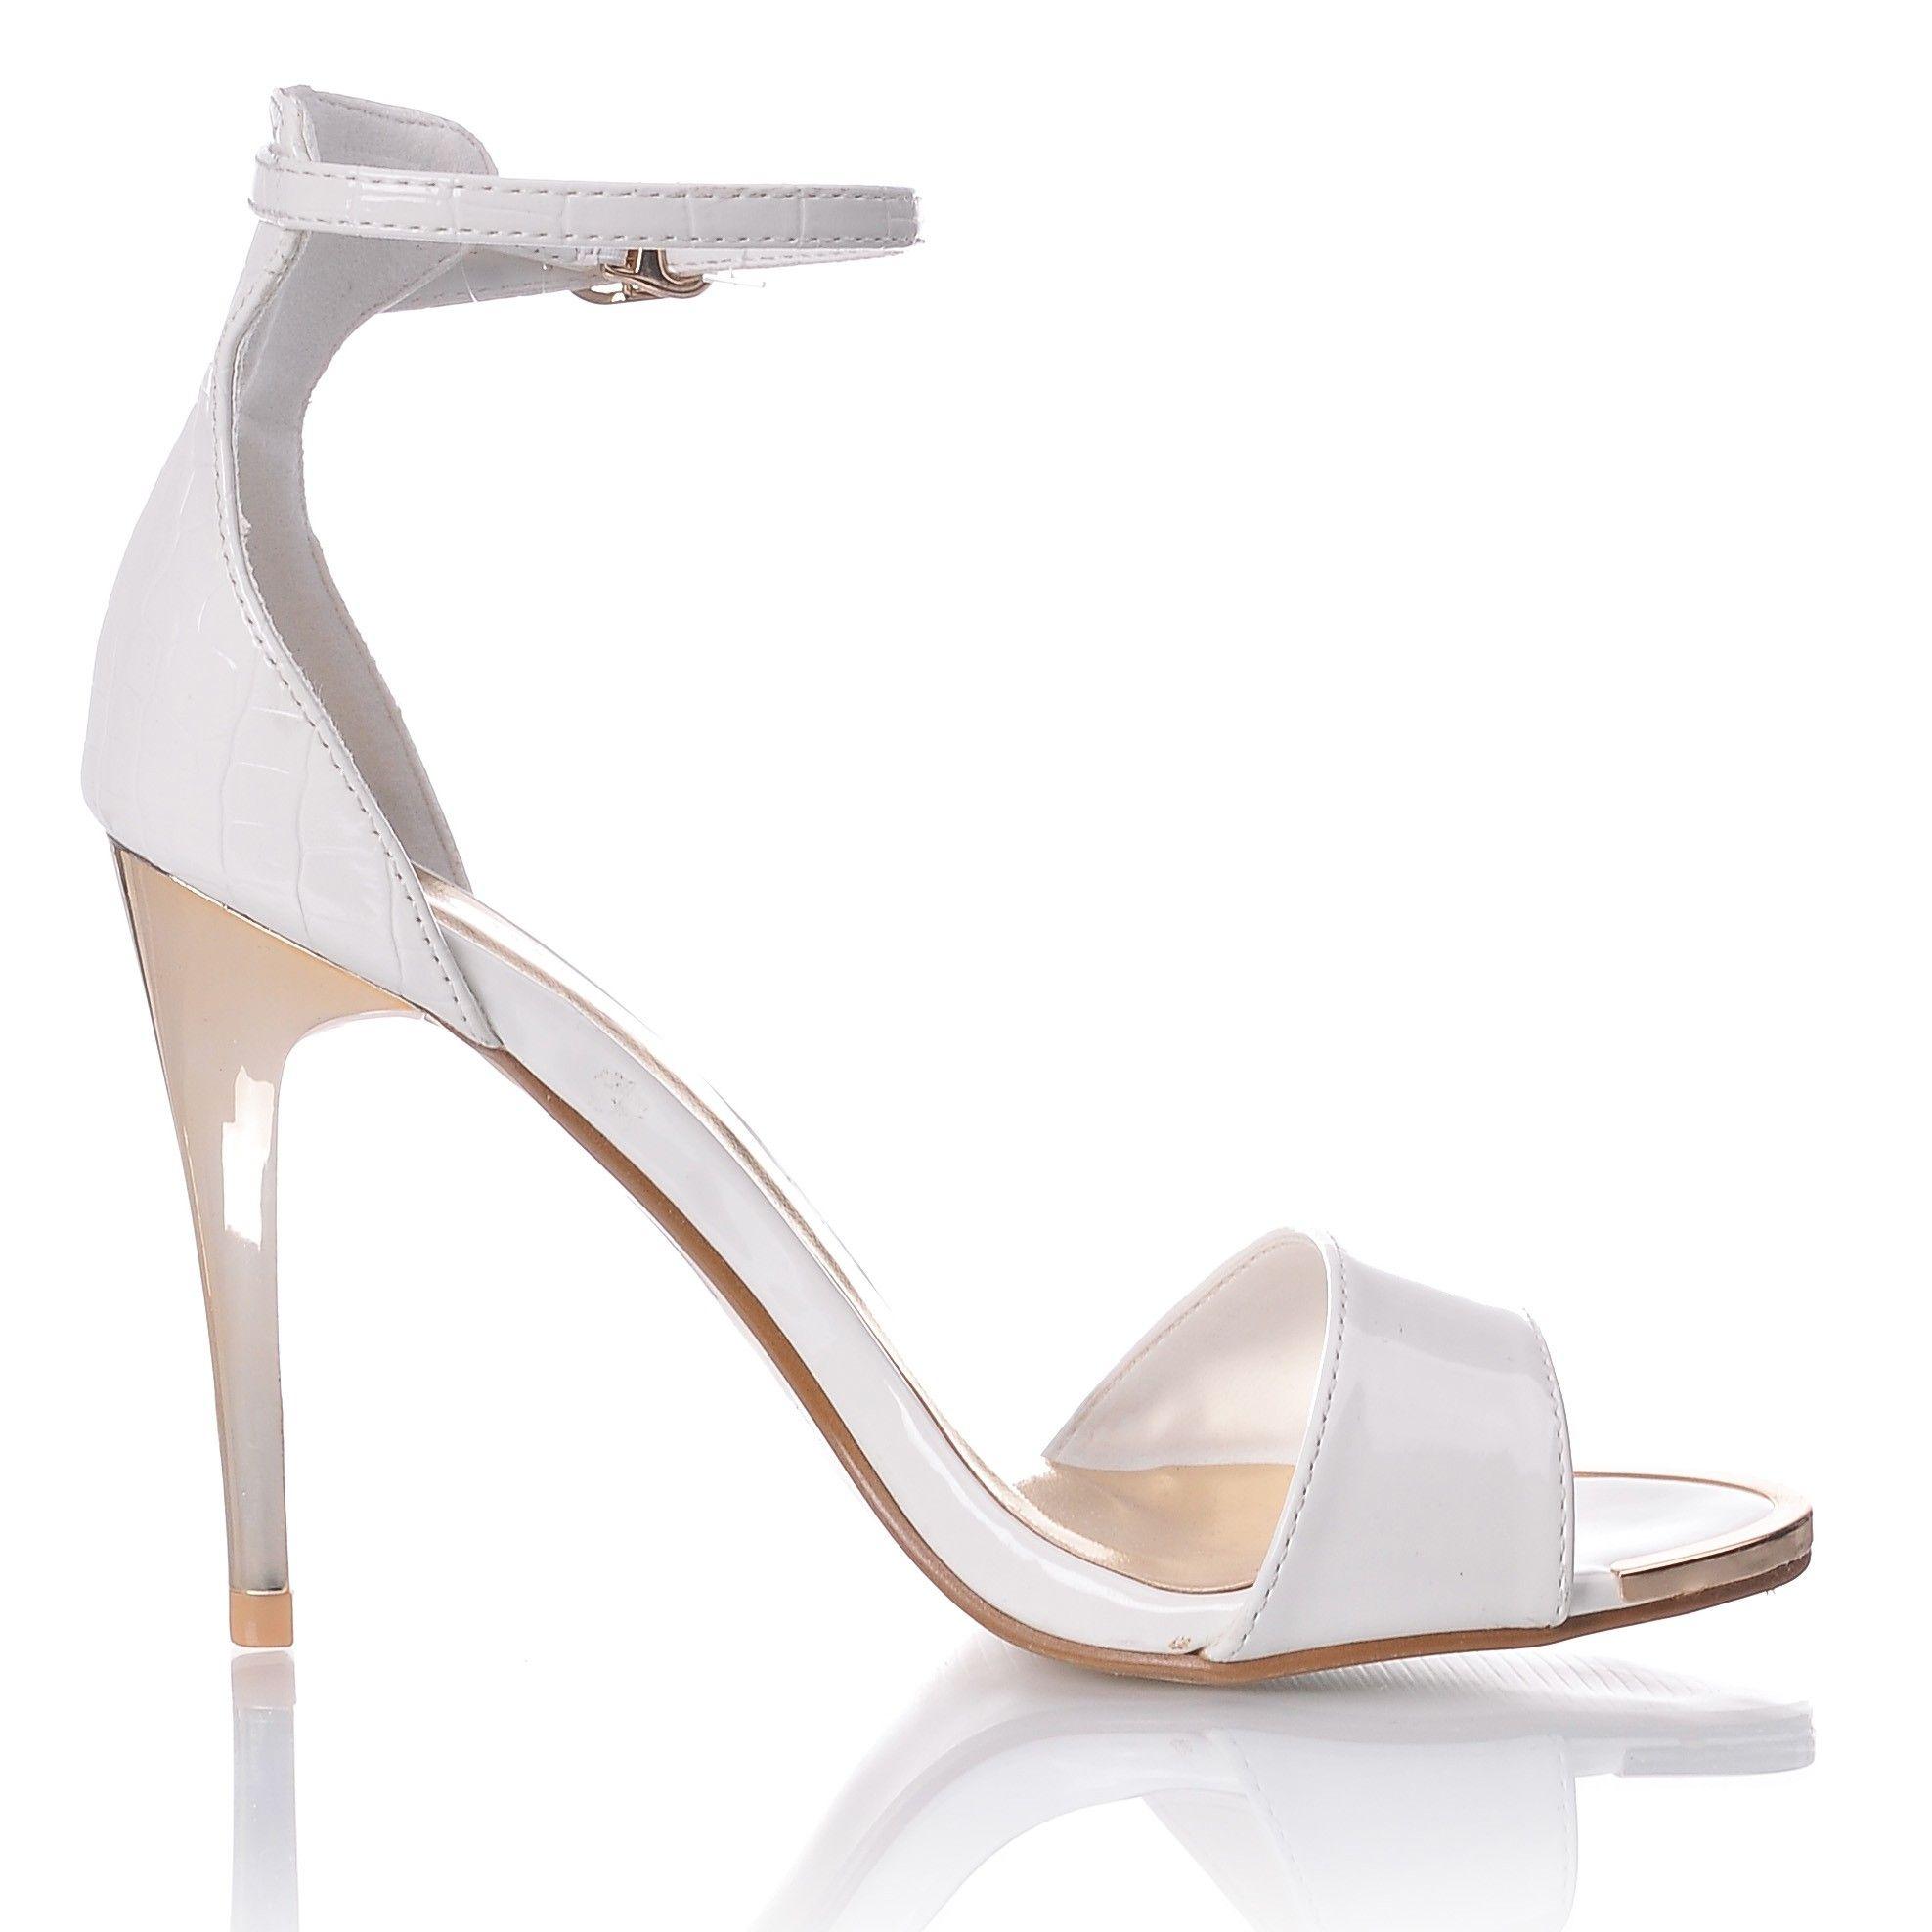 Sandaly Biale Na Obcasie Lakierowane Sandaly Na Zlotej Szpilce Shoes Sandals Fashion